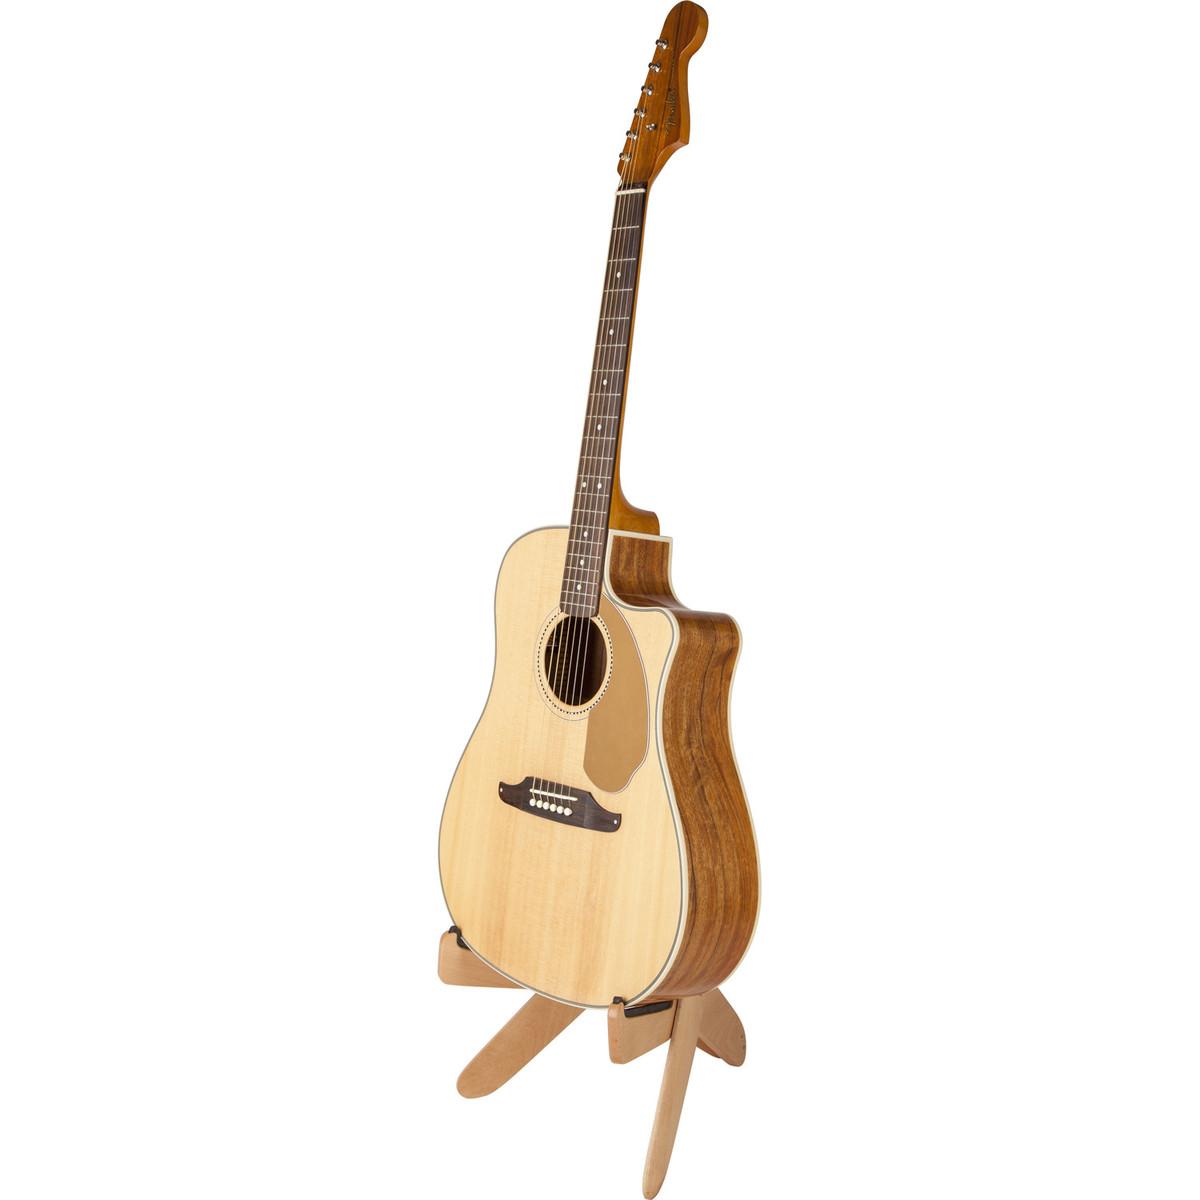 disc fender jacknife wood acoustic guitar stand natural at gear4music. Black Bedroom Furniture Sets. Home Design Ideas